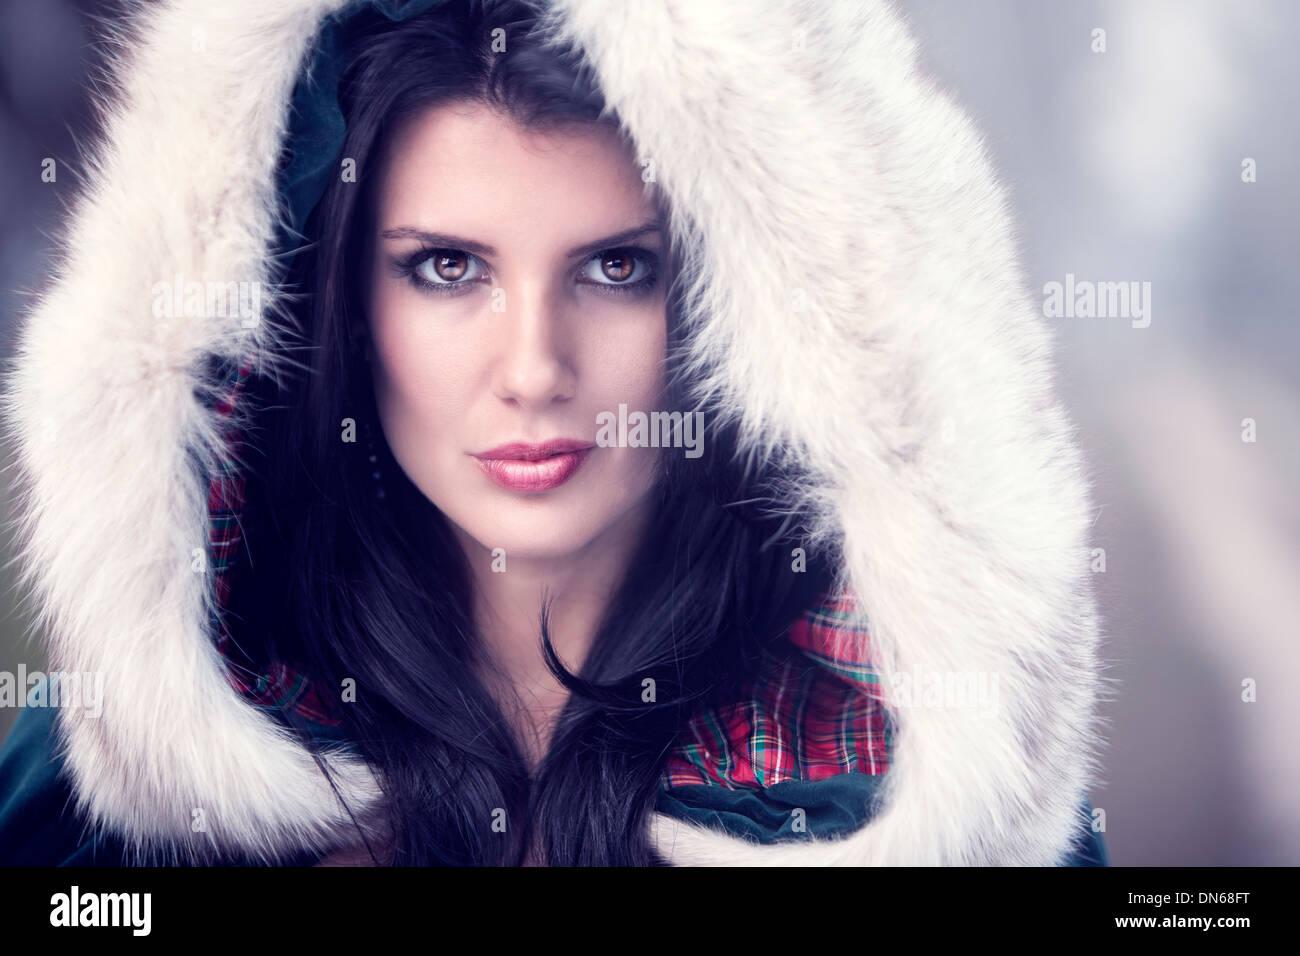 Beauty Portrait Frau tragen eine Fell bedeckt Haube an einem kalten Wintertag. Stockbild